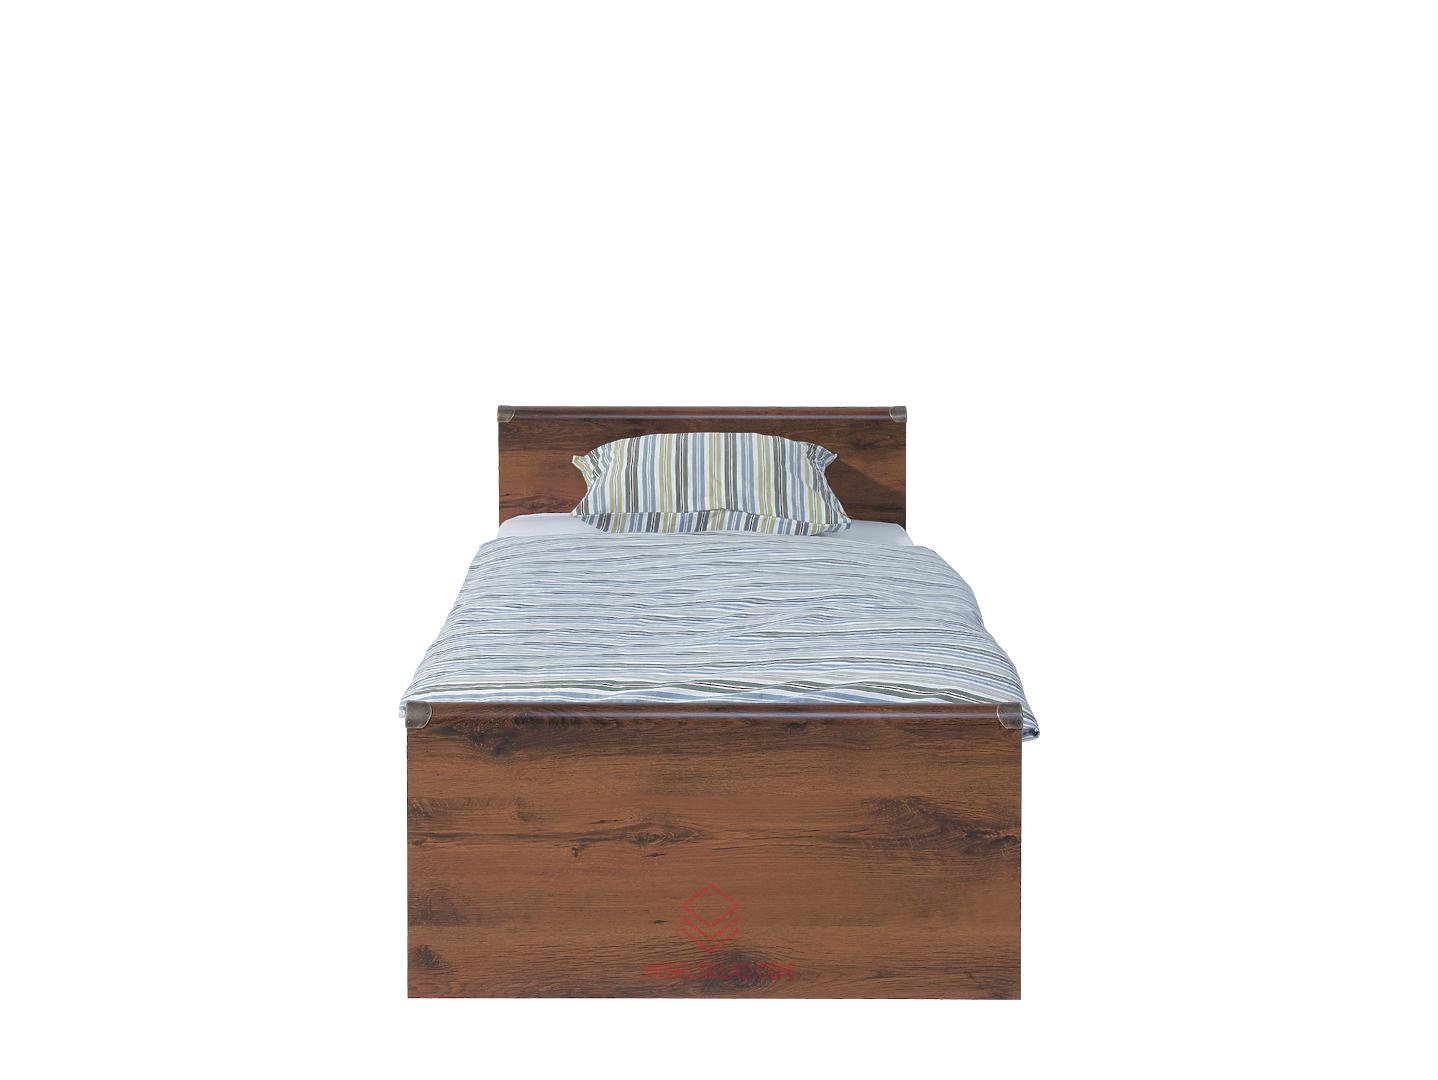 Кровать ИНДИАНА JLOZ 90х200  с металлическим основанием